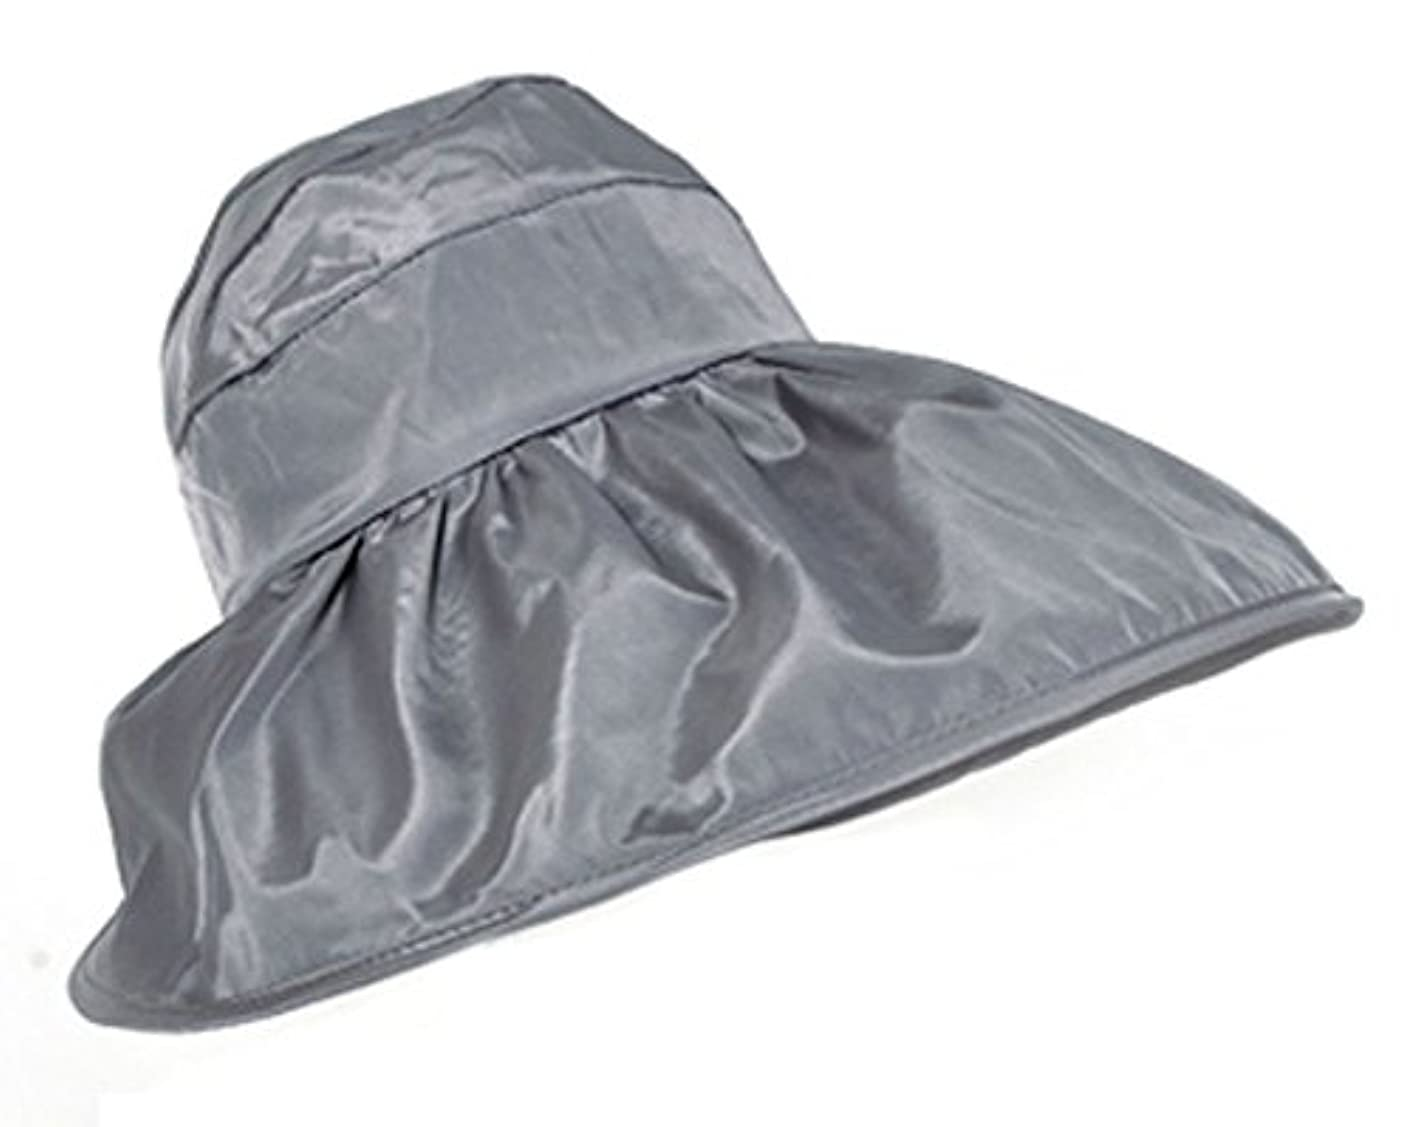 白鳥密度レトルトFakeFace 夏 レディース 帽子 UVカット サンバイザー 紫外線対策 日よけ帽子 つば広 オシャレ ケープ ハット 日よけ 折りたたみ 防水 カジュアル 海 農作業 ぼうし サイズ調節可